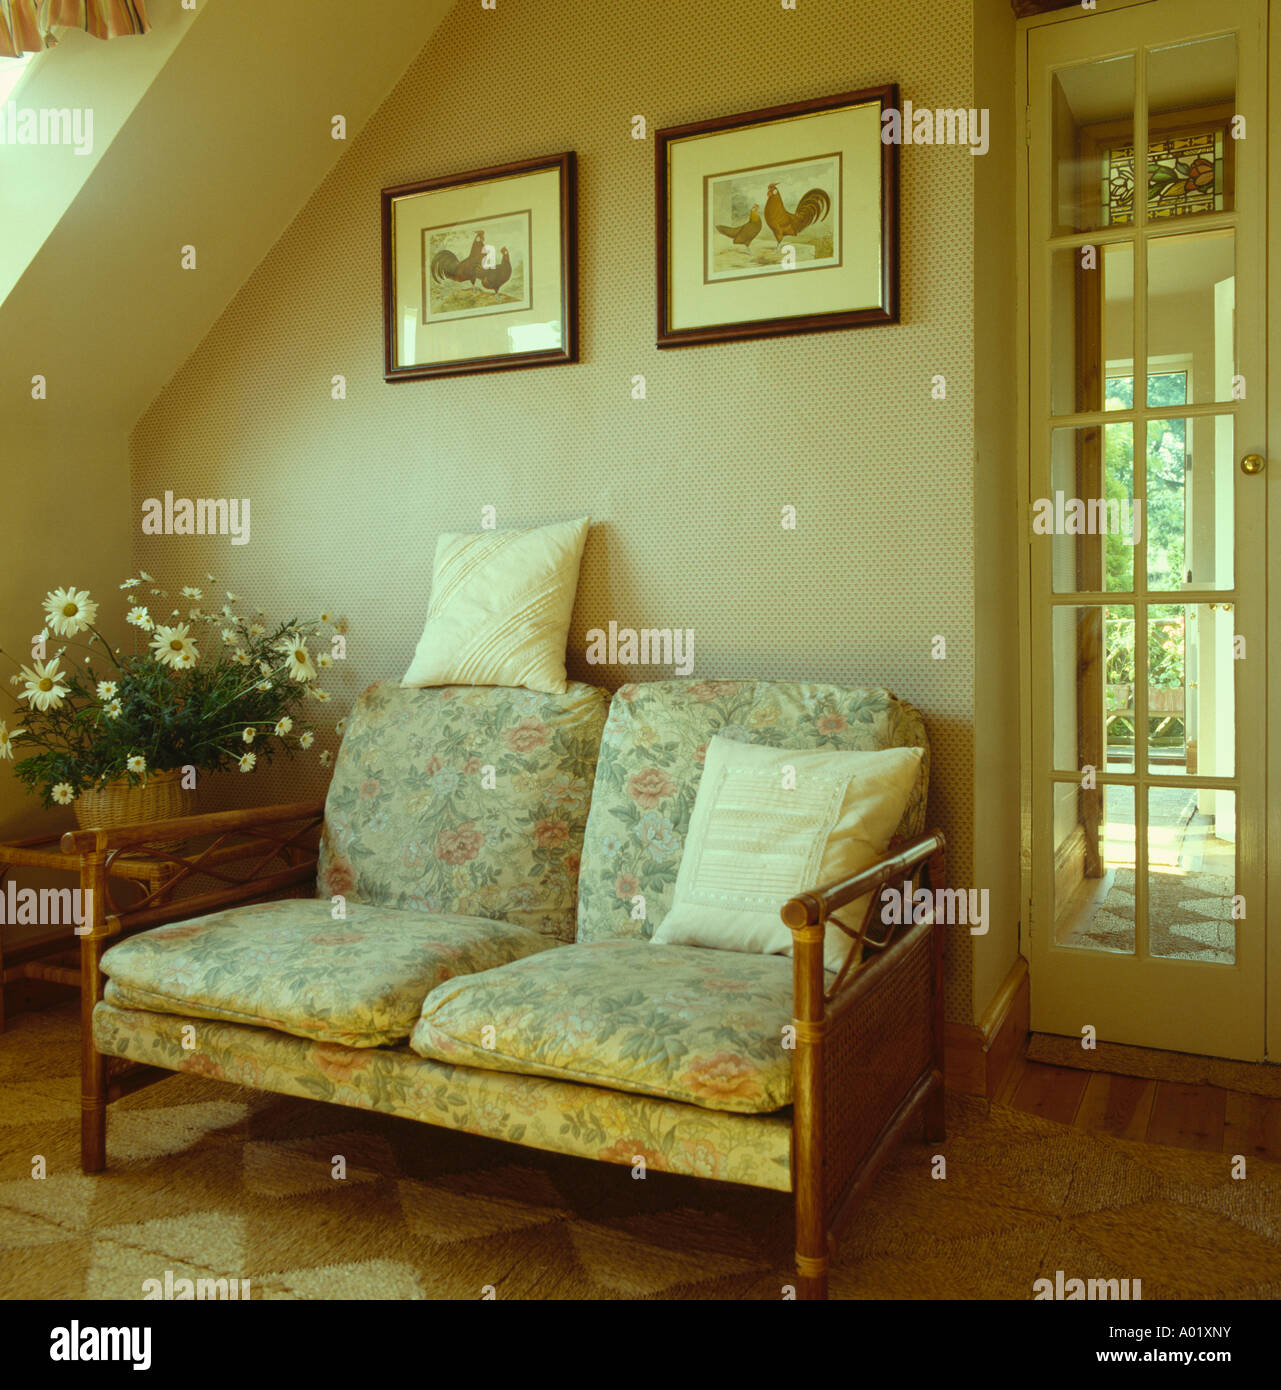 Kleines Sofa Mit Kissen Und Hölzernen Armen Unter Bild In Neutralen Wohnzimmer  Landhaus